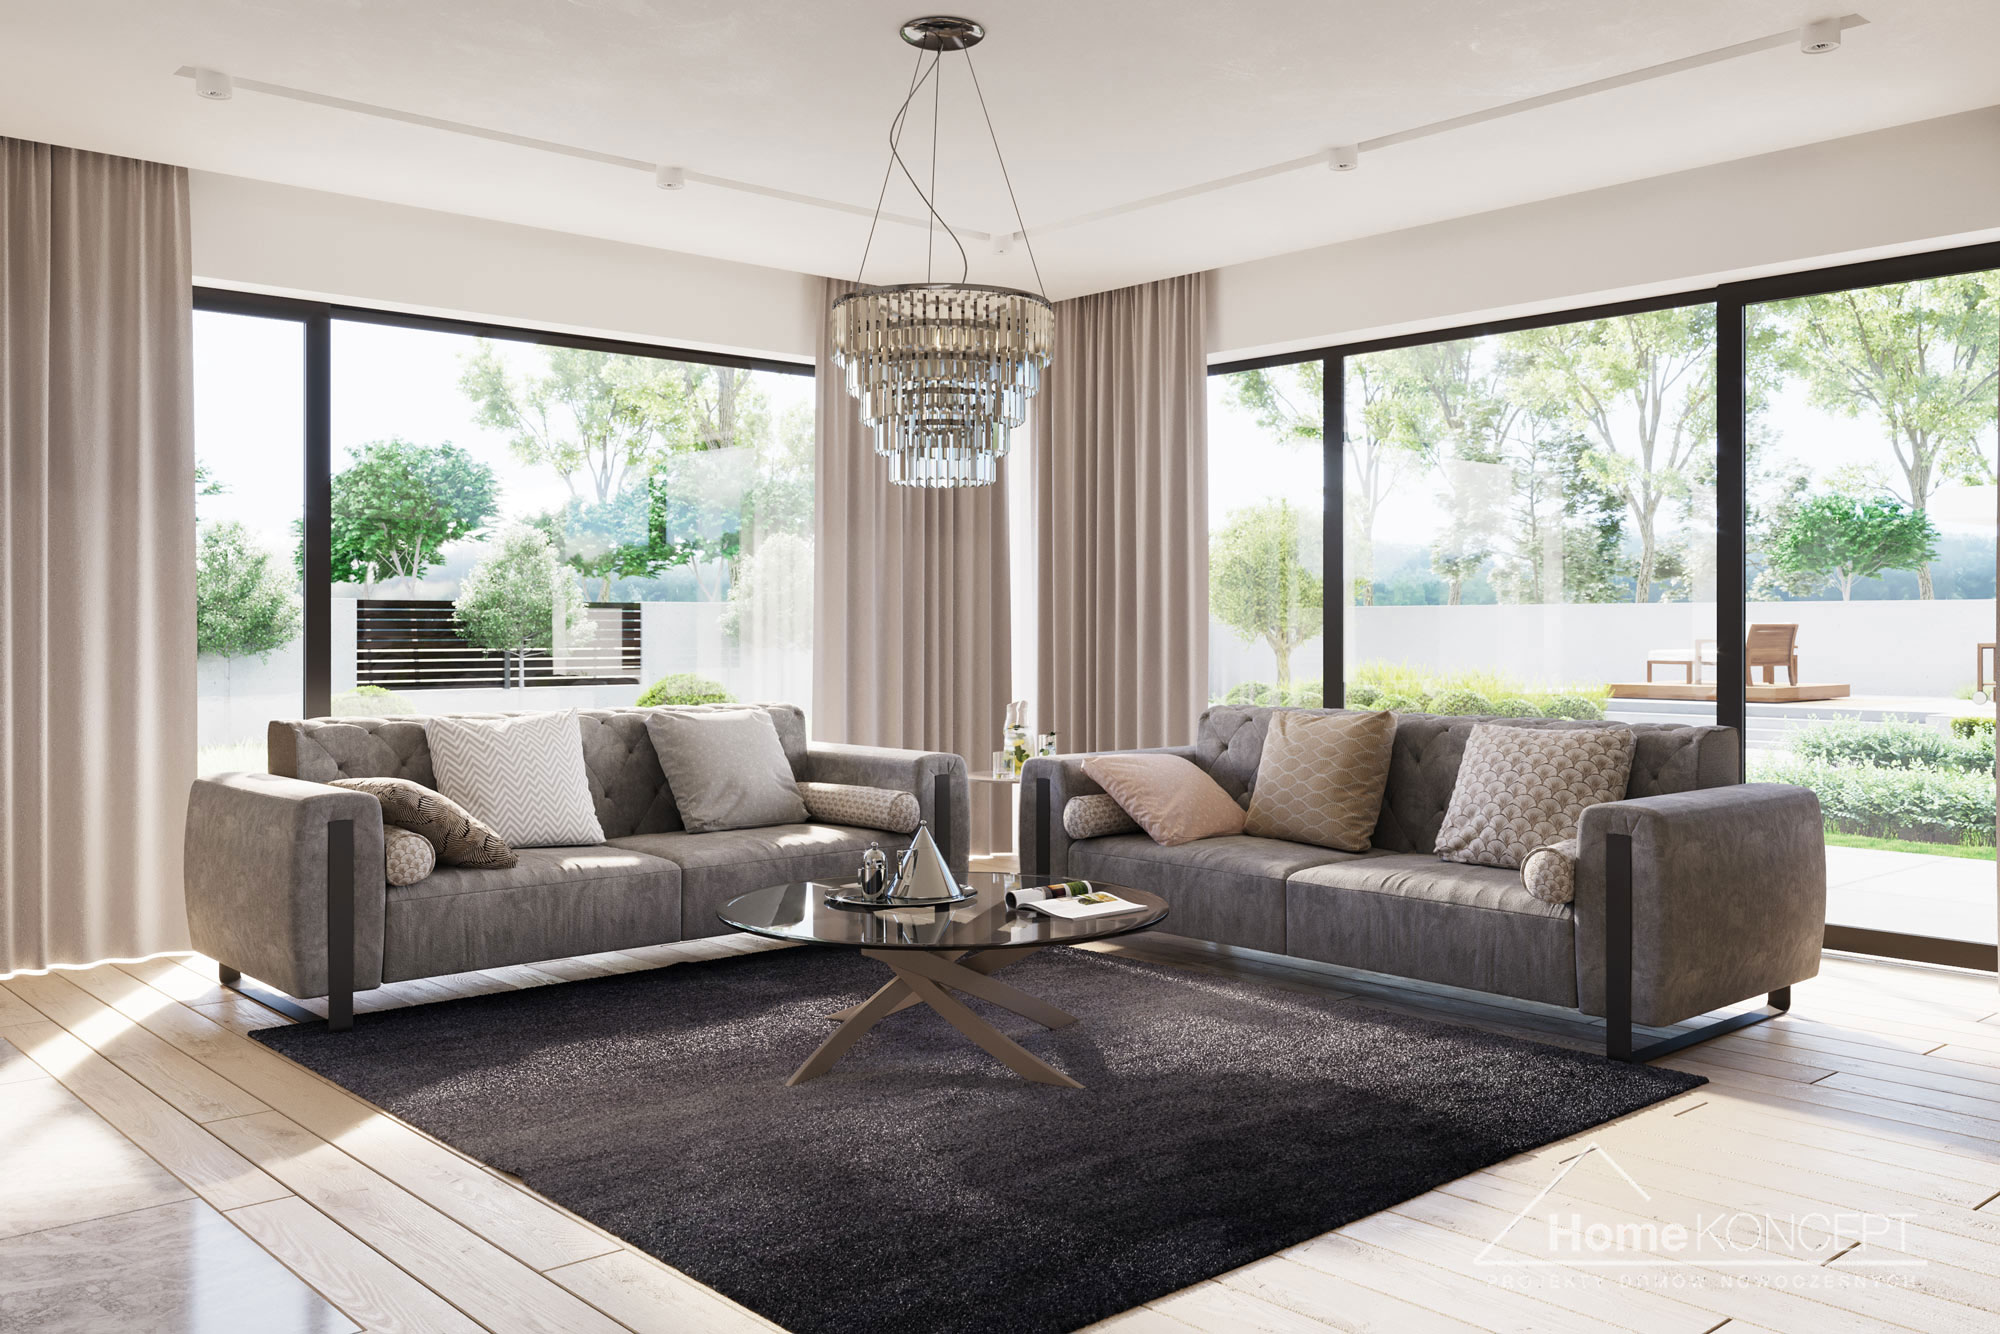 prestige house projekty nowoczesne wnetrza 2018 30